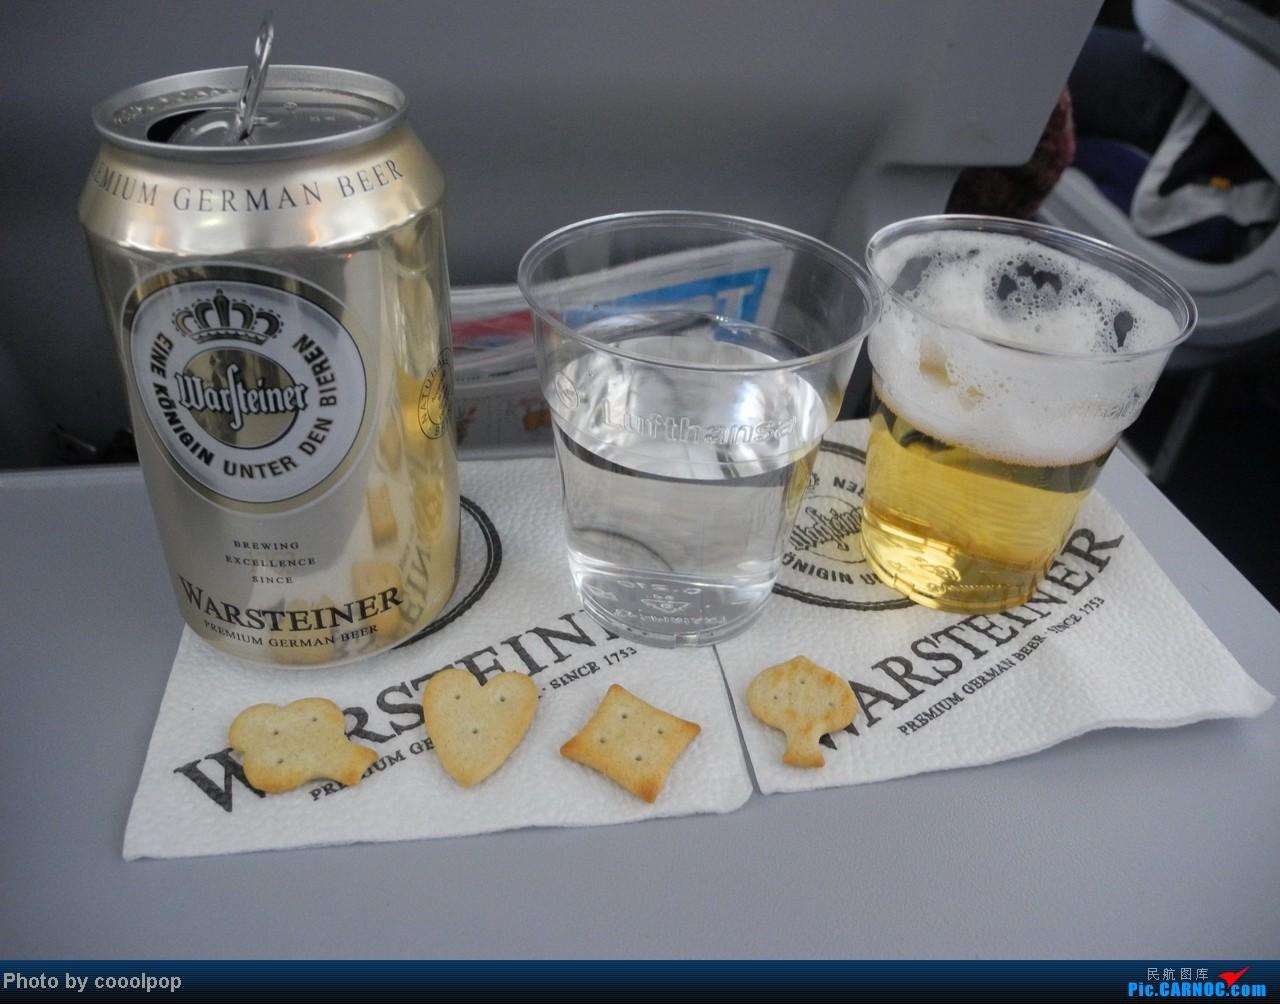 Re:[原创]继续继续! 巴黎凡尔赛宫!以及巴黎 经停 法兰克福 回北京!! 继续我的汉莎之旅!(2014年第5帖) A380-800 D-AIMG 法国戴高乐机场